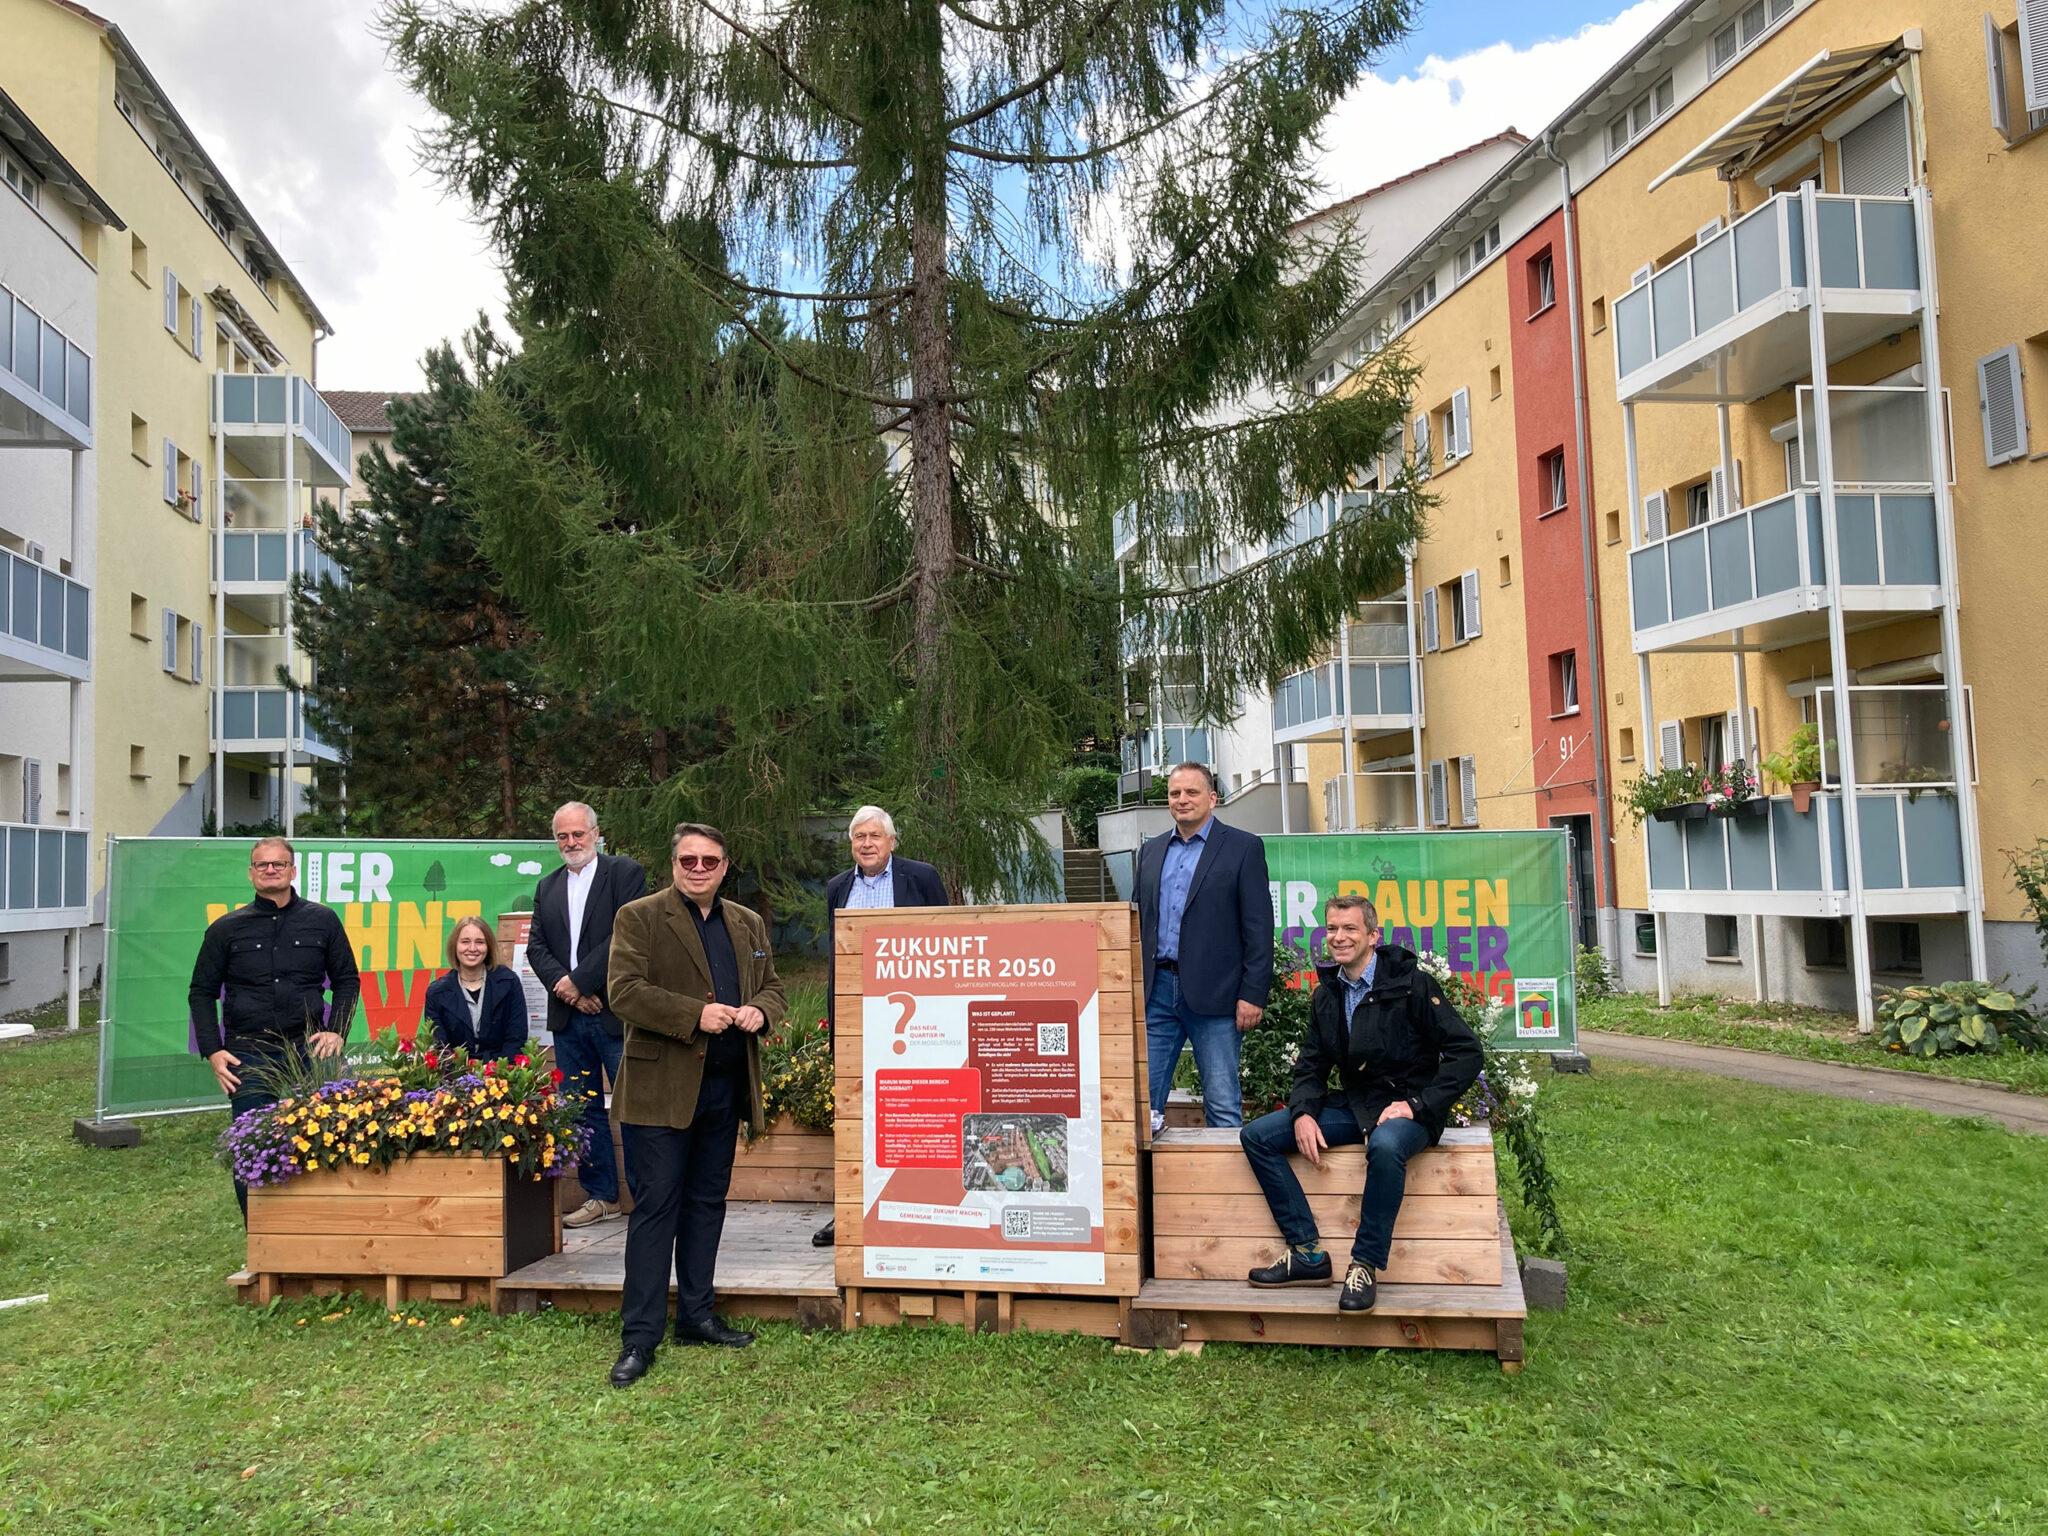 Zukunft Münster 2050: Pressekonferenz zum Start der Bürgerbeteiligung (Bild: BGM / Stadtberatung Dr. Sven Fries)